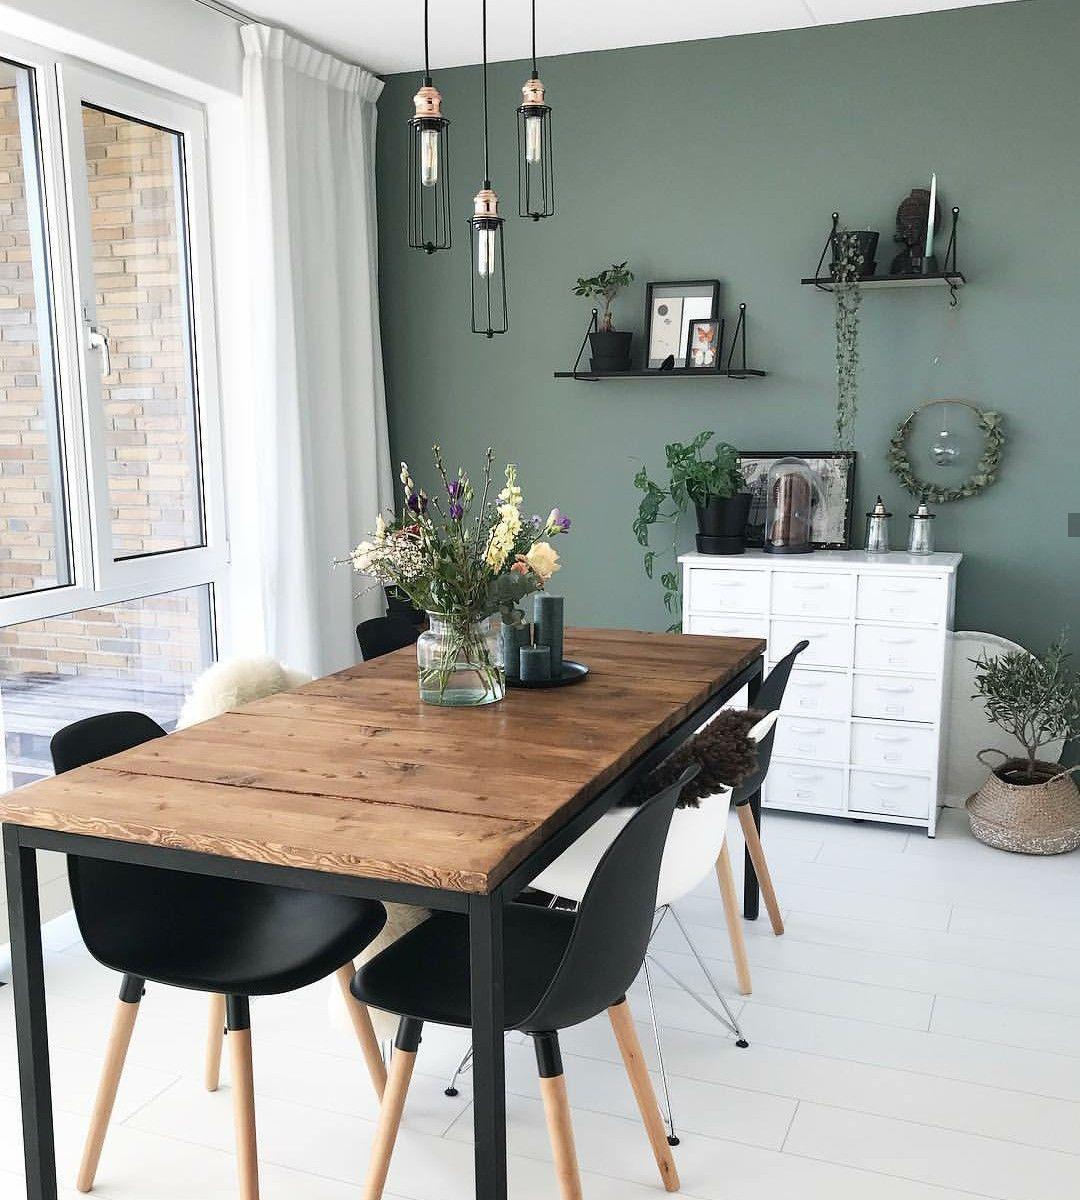 Pin Von Eboayetemego Auf Esszimmer Wohnung Wohnung Wohnzimmer Grüne Wand